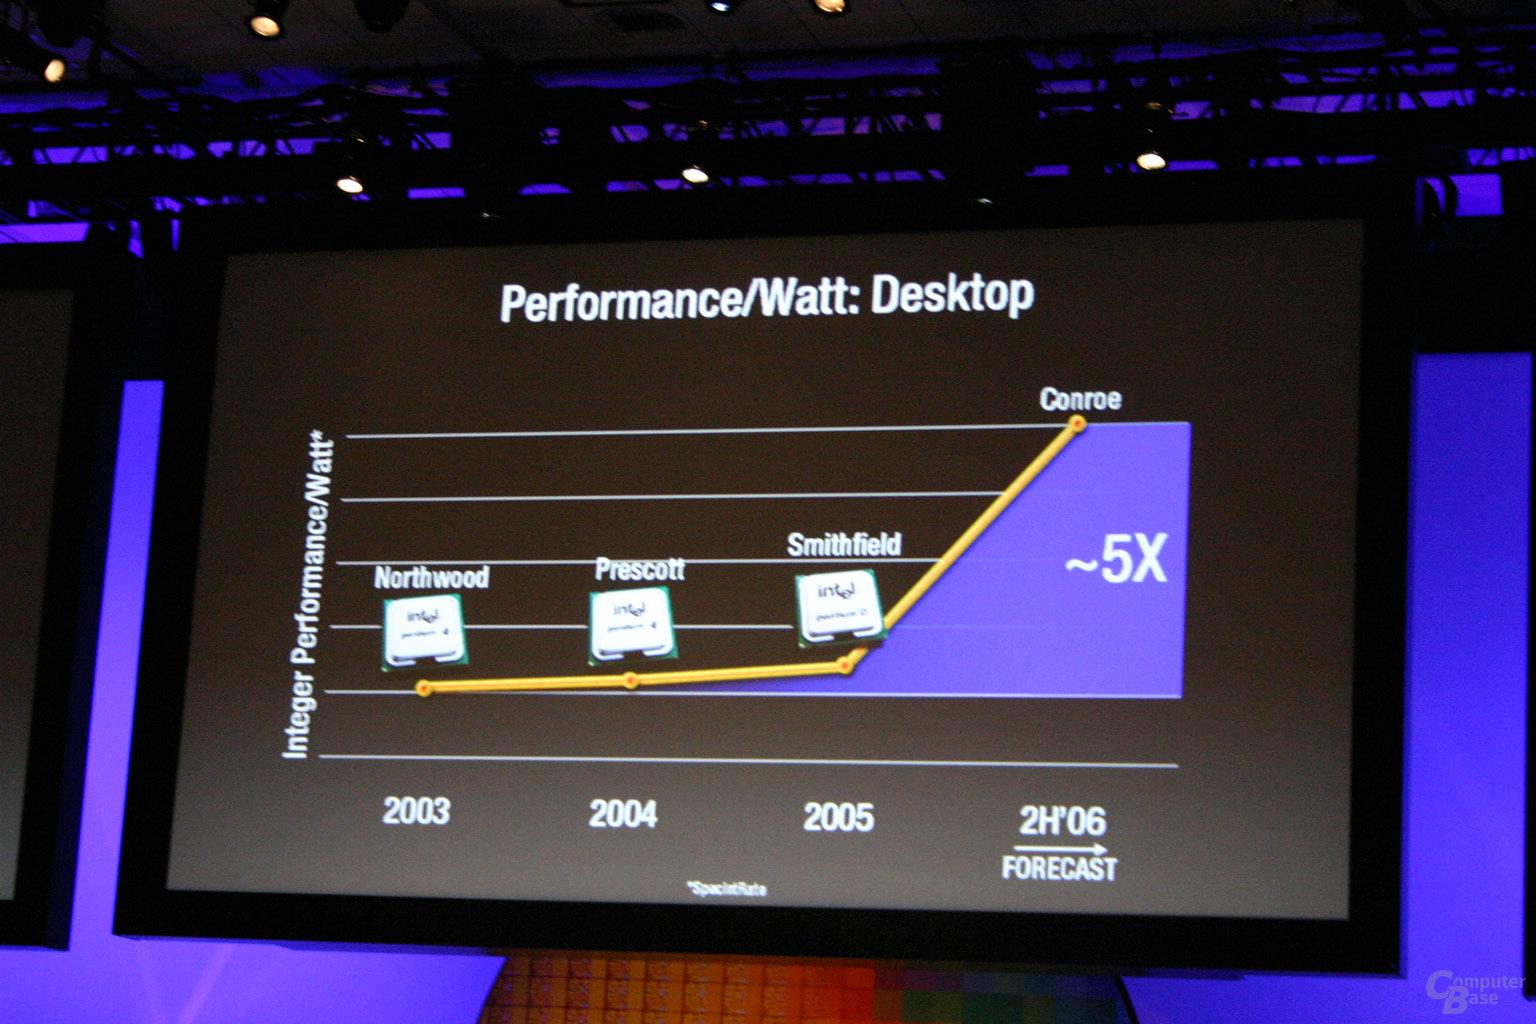 Endlich: Der Stromverbrauch im Desktop-PC sinkt merklich